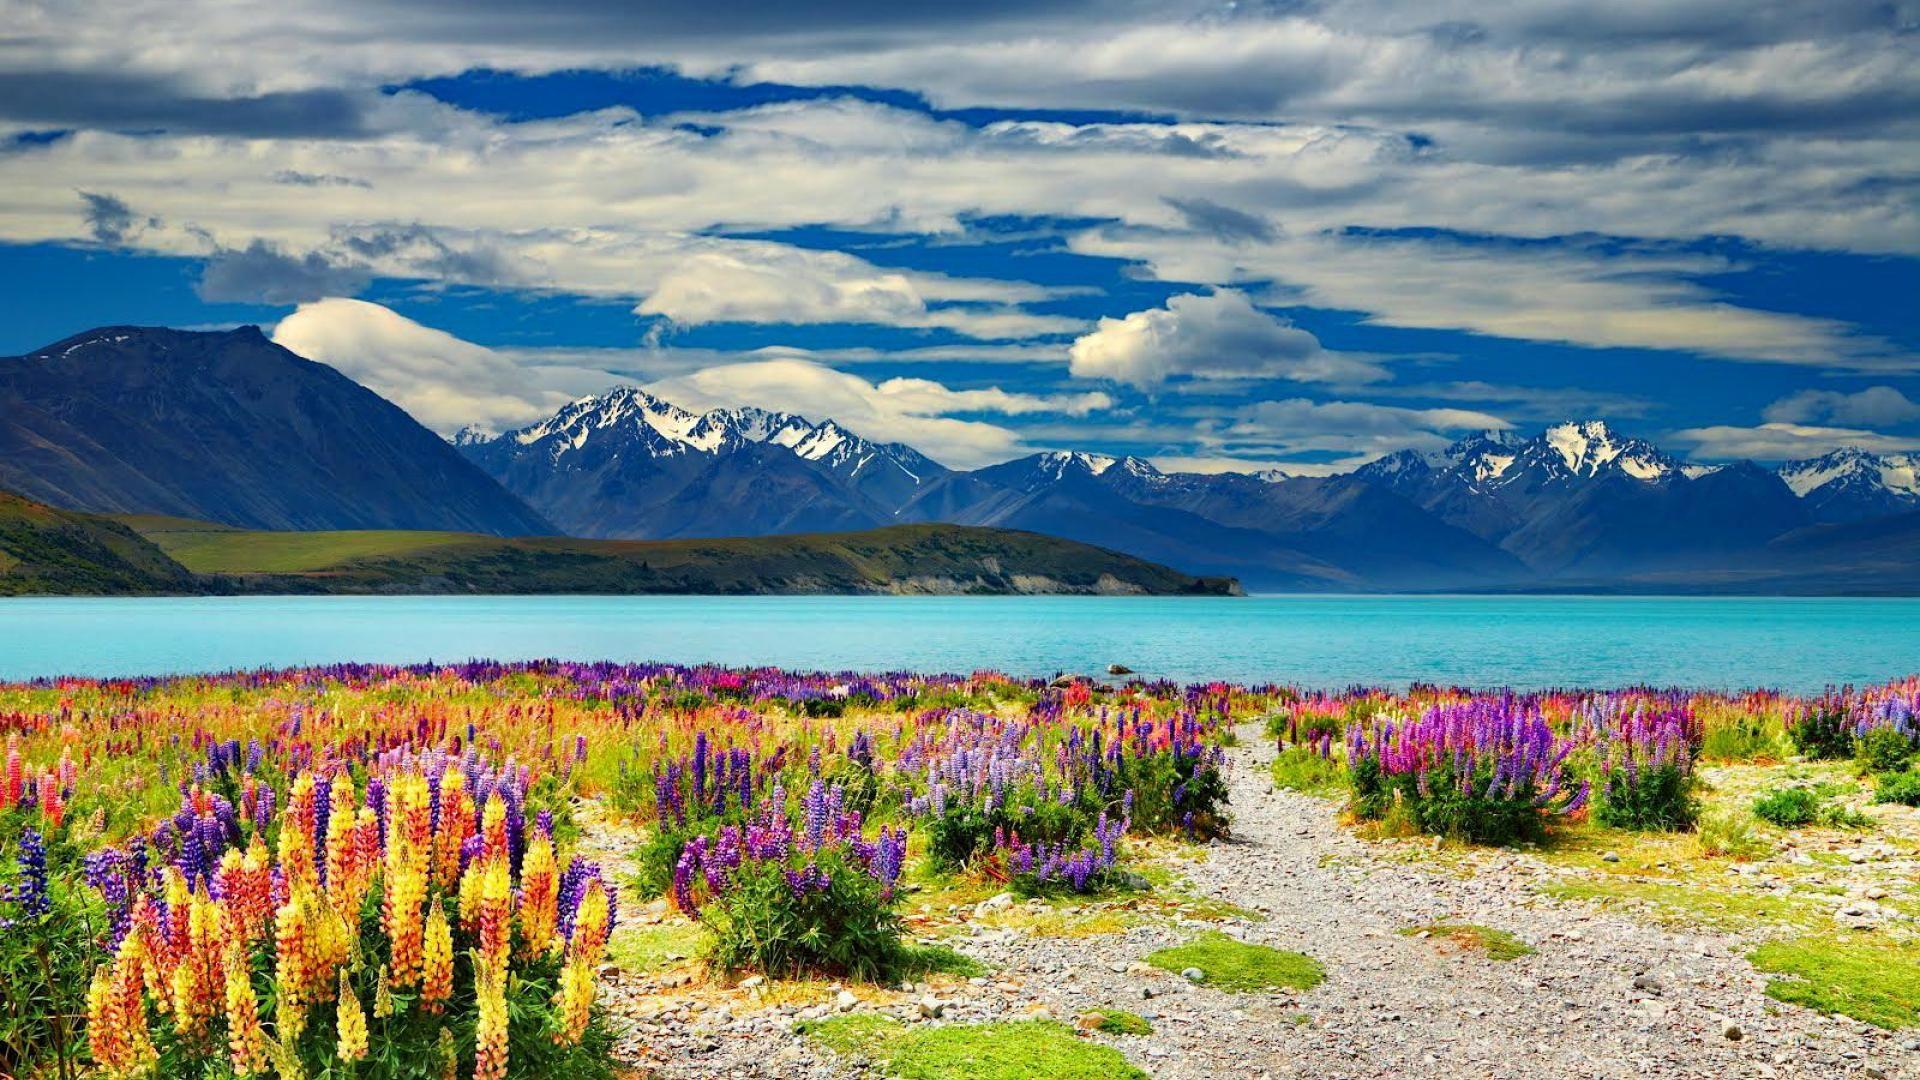 Lake Tekapo Wallpaper HD 1 1920 X 1080 Lake tekapo